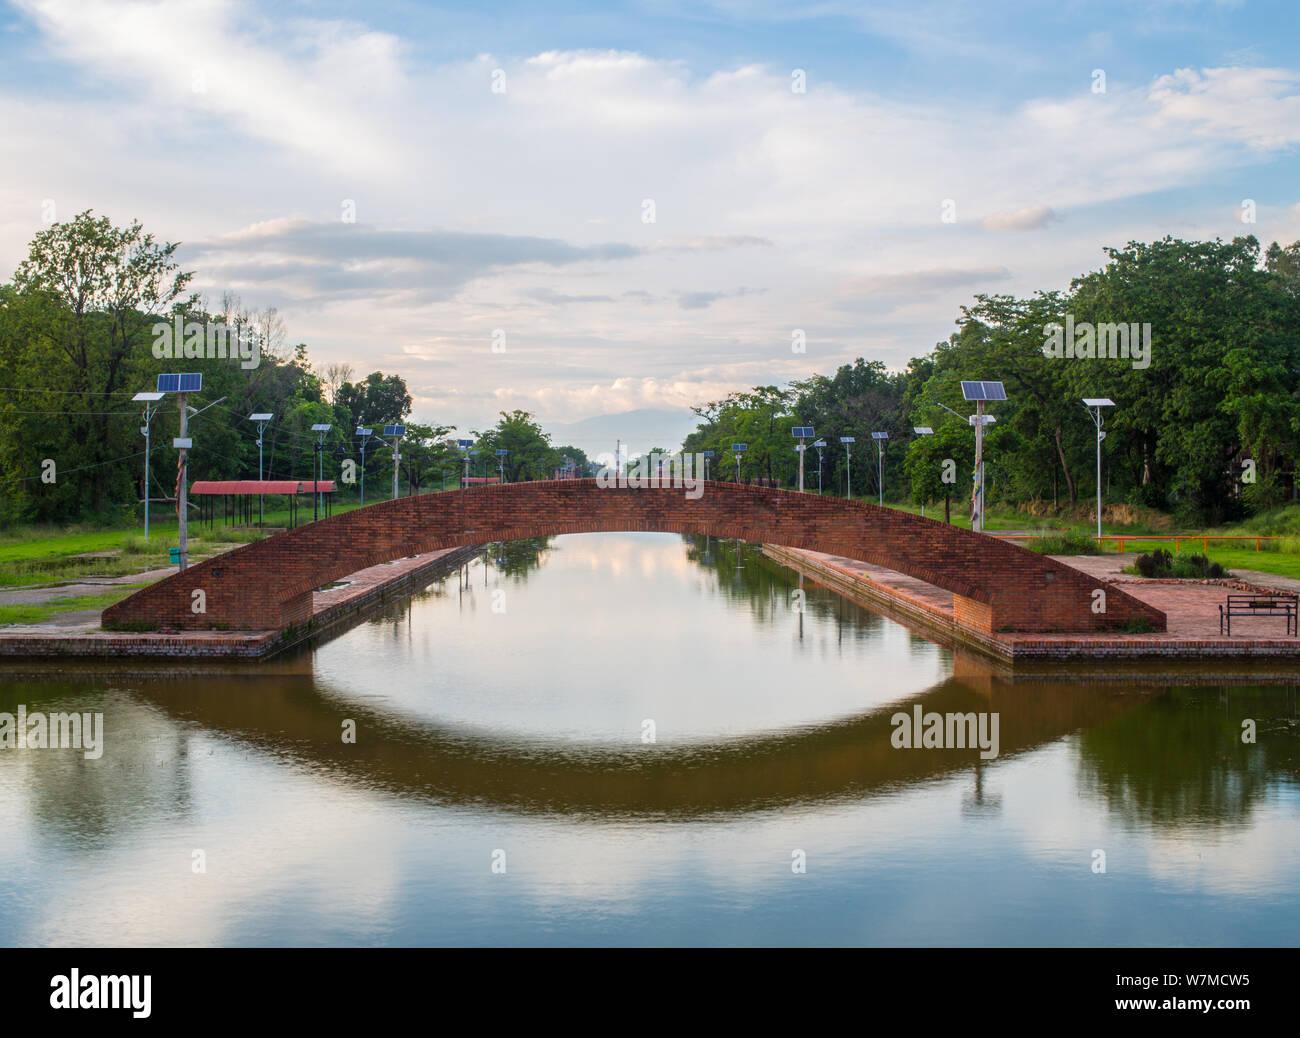 Un puente de ladrillo sobre un vaso de agua Foto de stock